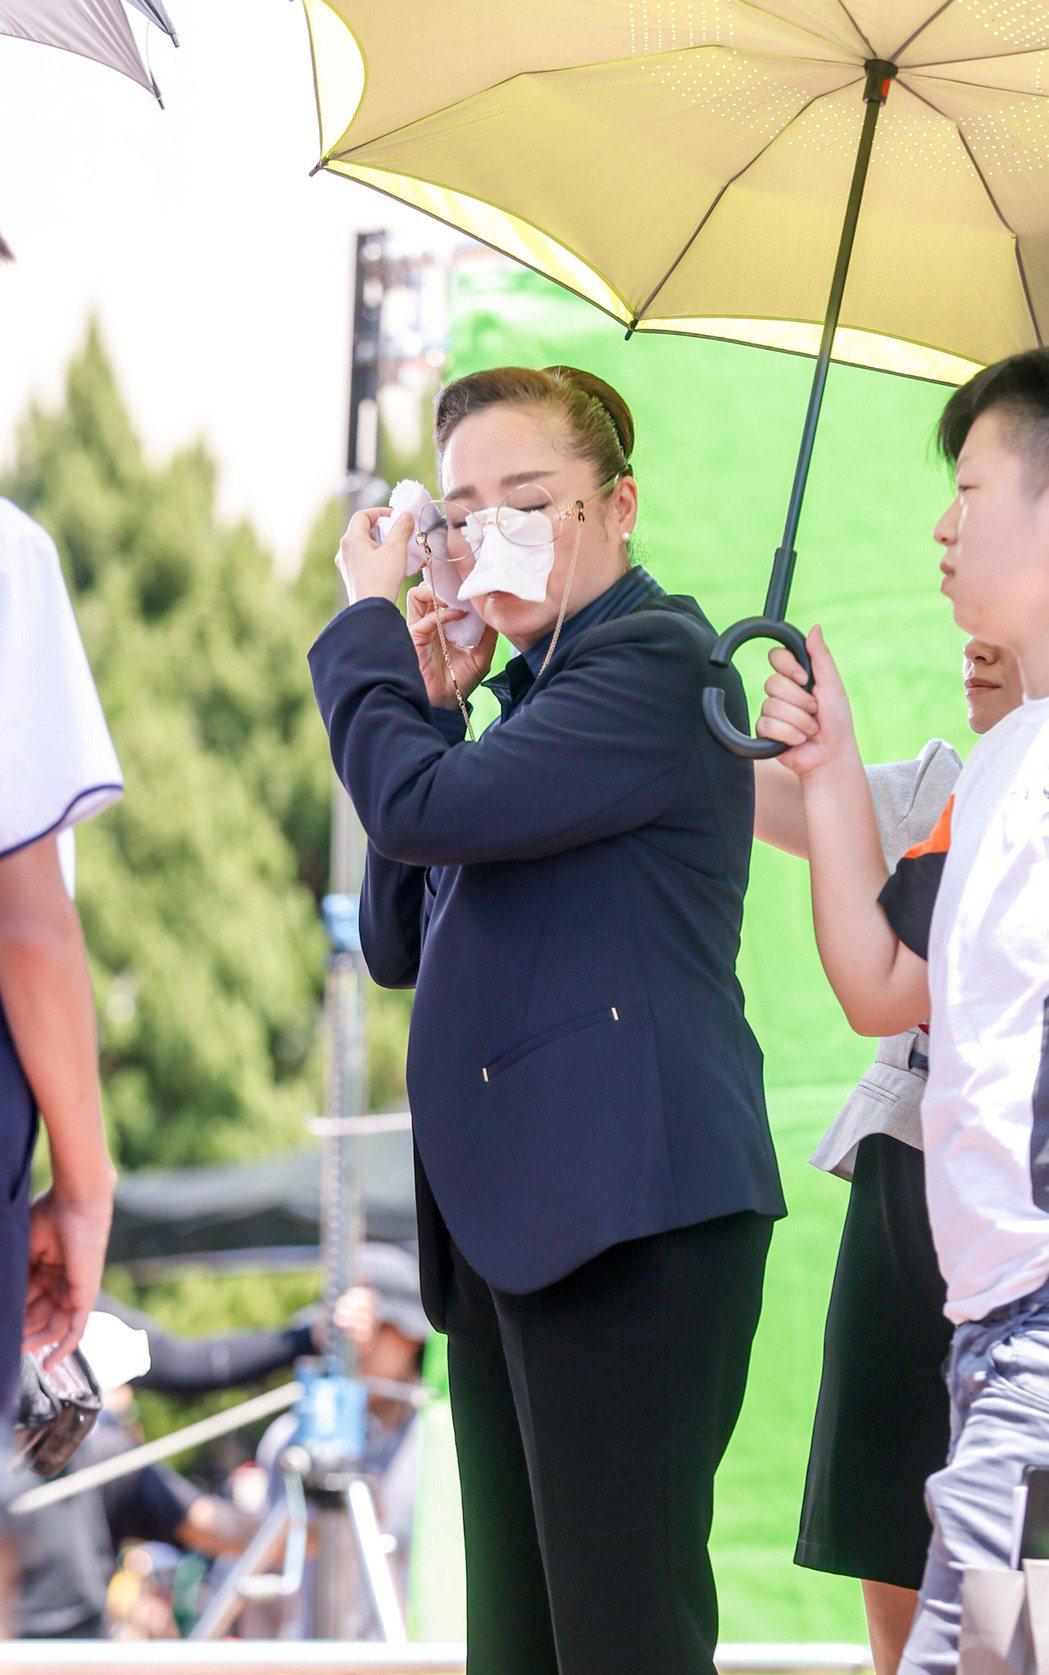 電影《藍色項圈》劇組在台師大林口校區拍攝校長頒獎的片段,恬妞出場時有工作人員幫忙...